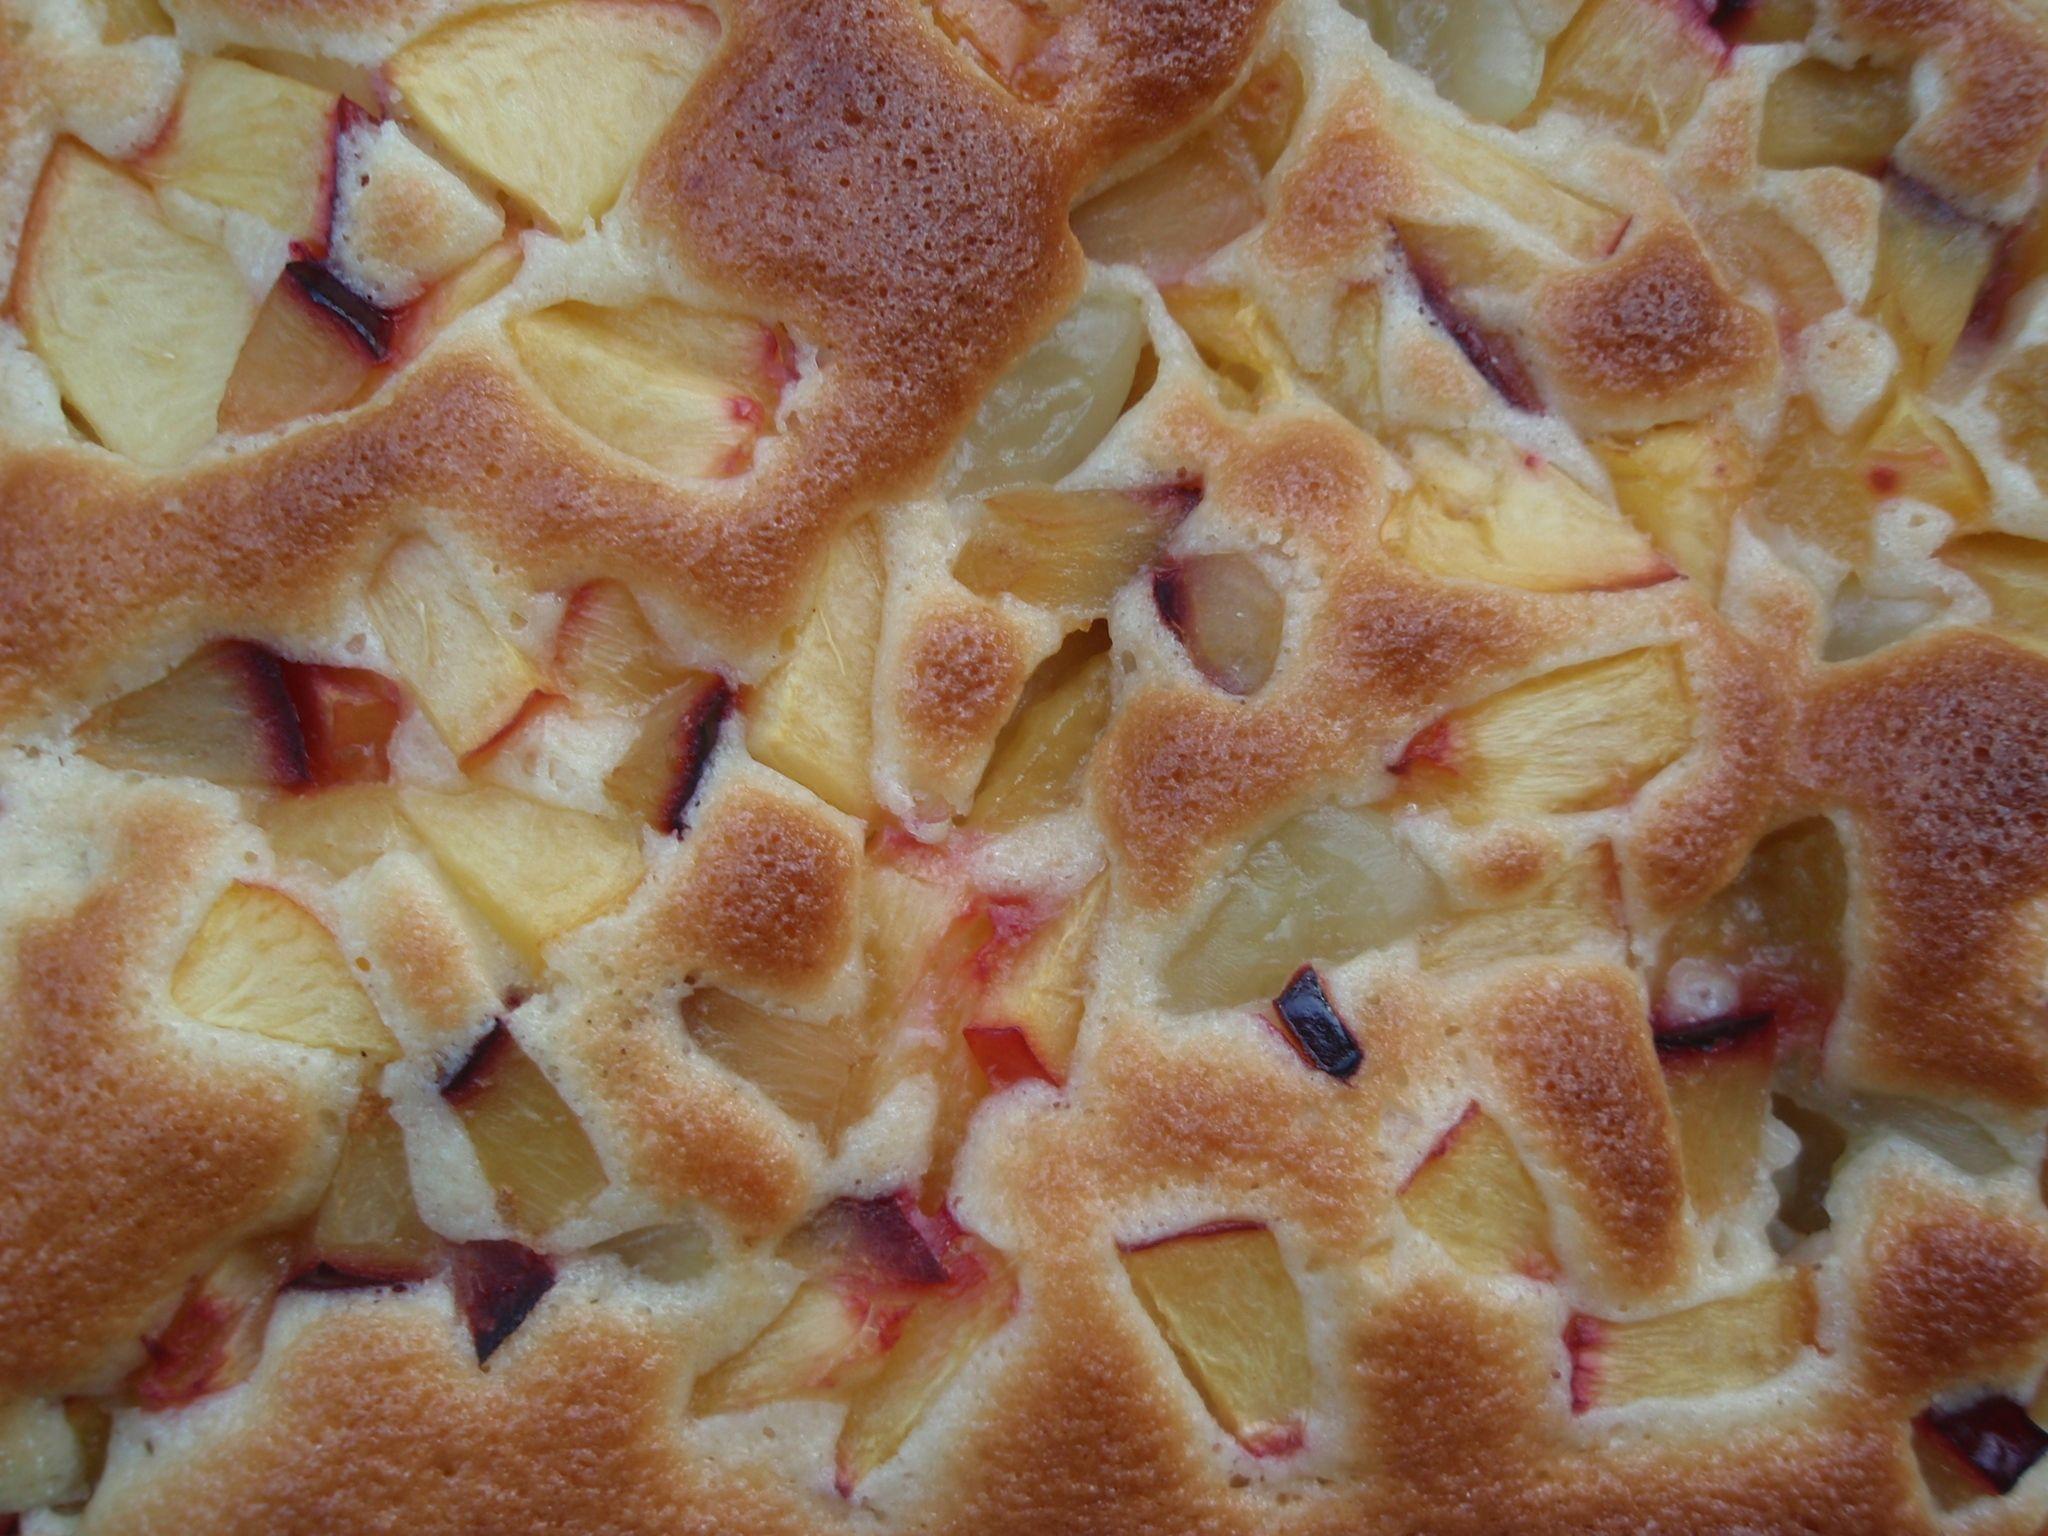 Recept Hrníčková buchta s ovocem - a takhle vypadala vyndaná z trouby... ještě teď cítím tu vůni :)